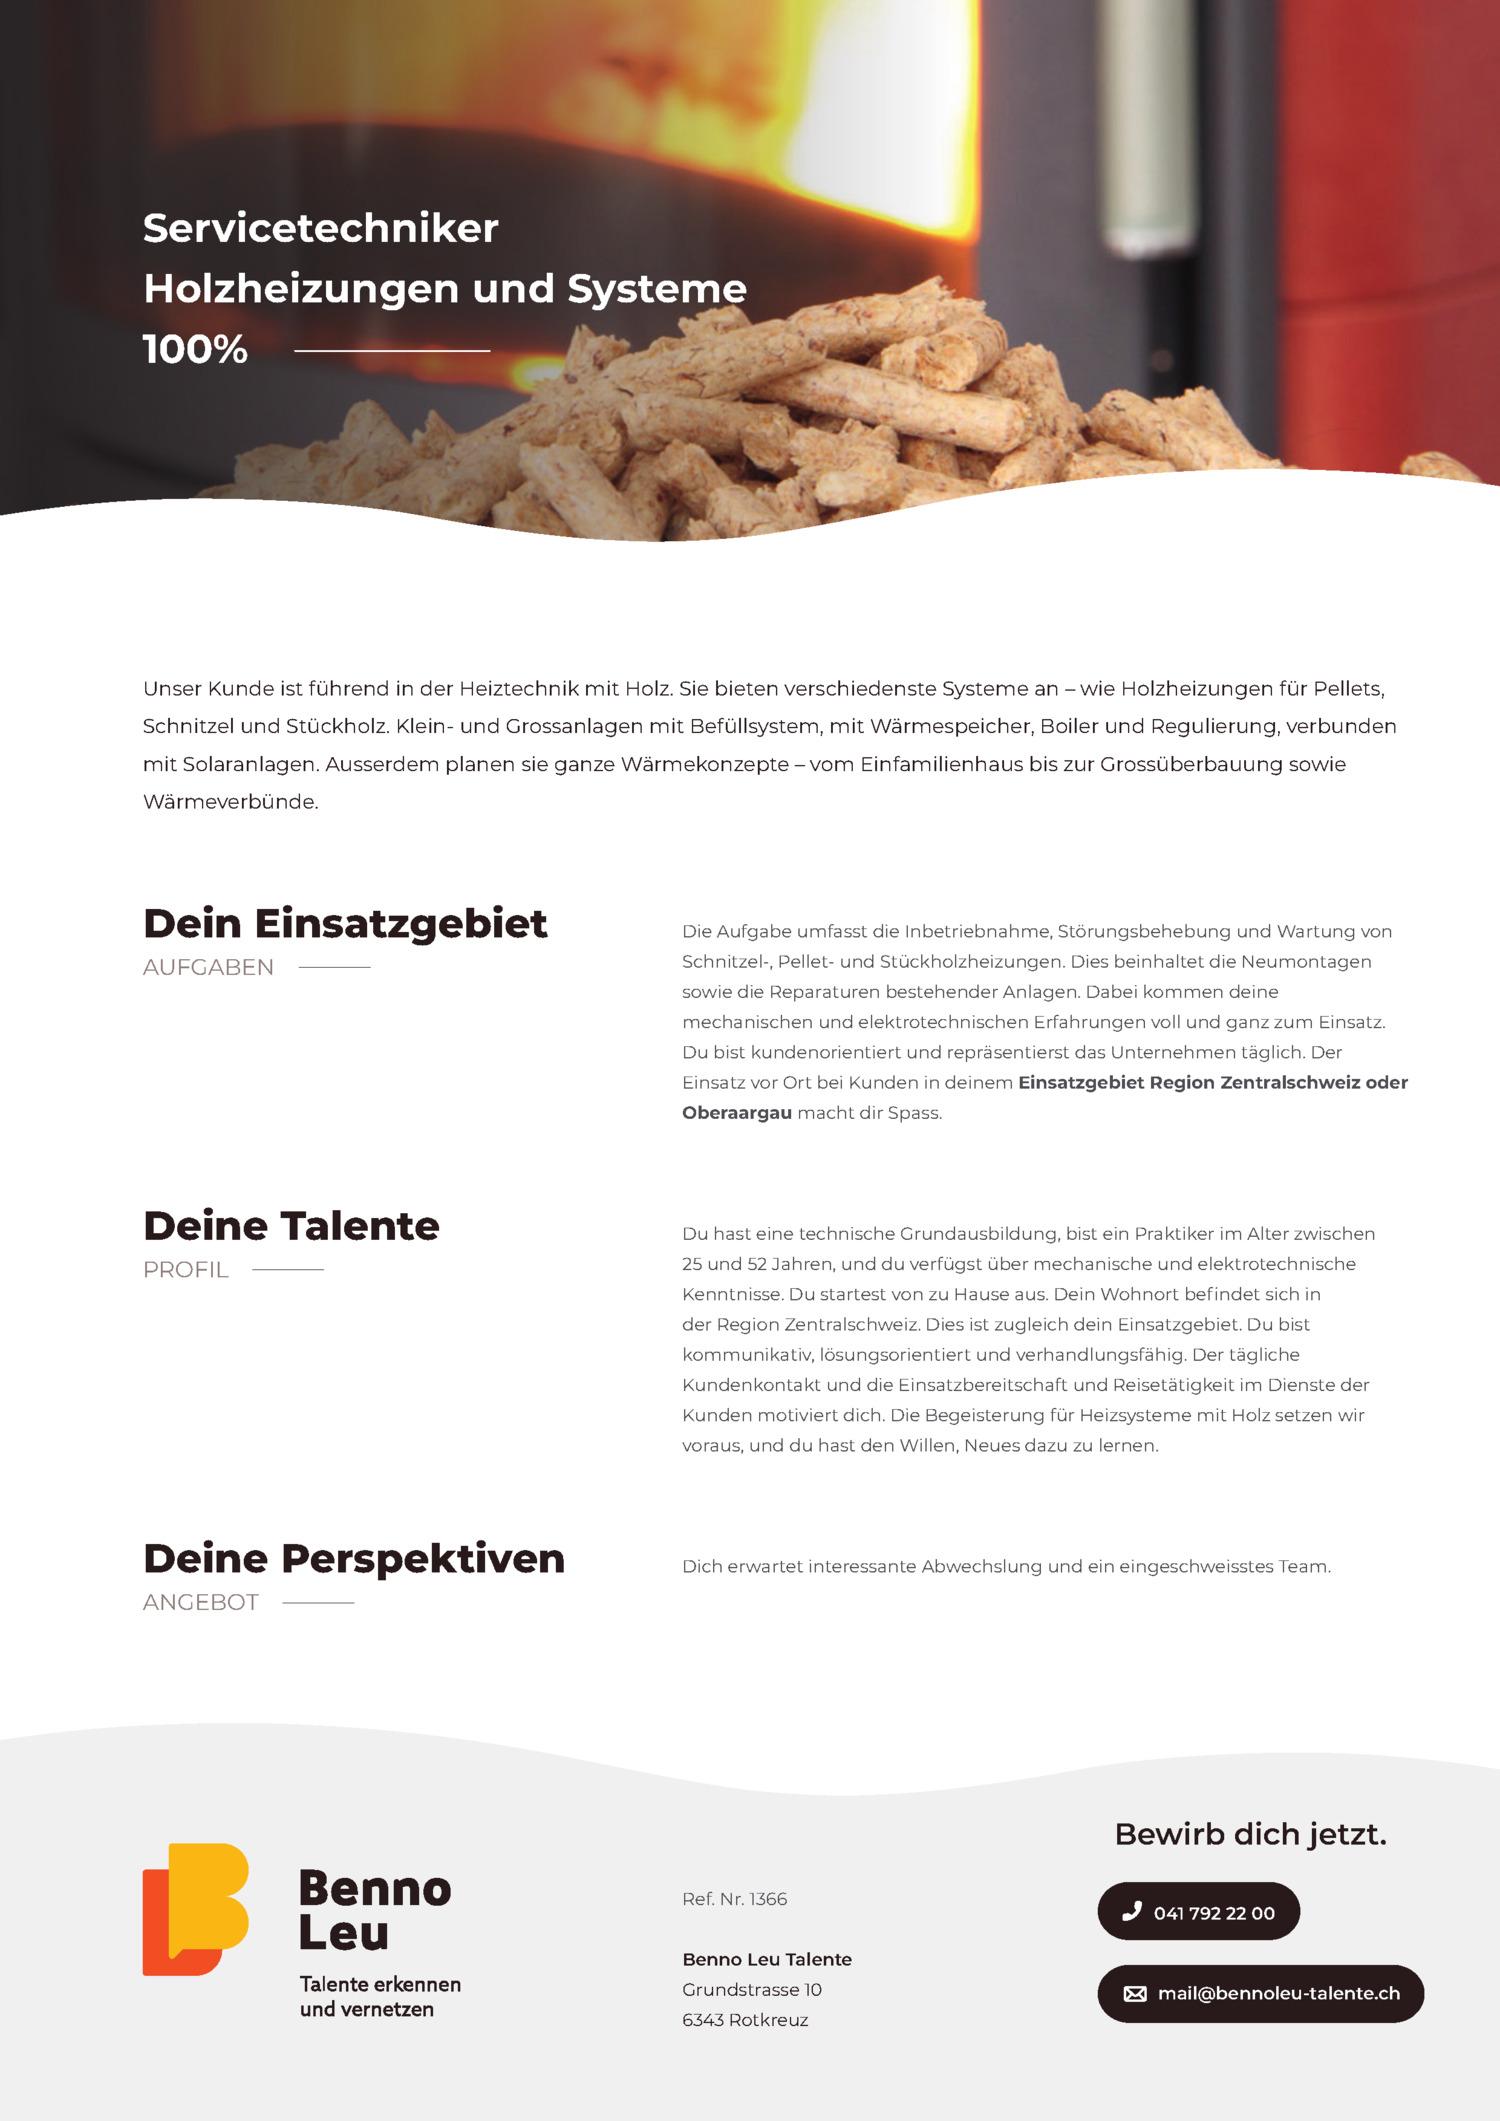 Inserat Servicetechniker Holzheizungen und Systeme - Zentralschweiz oder Oberaargau